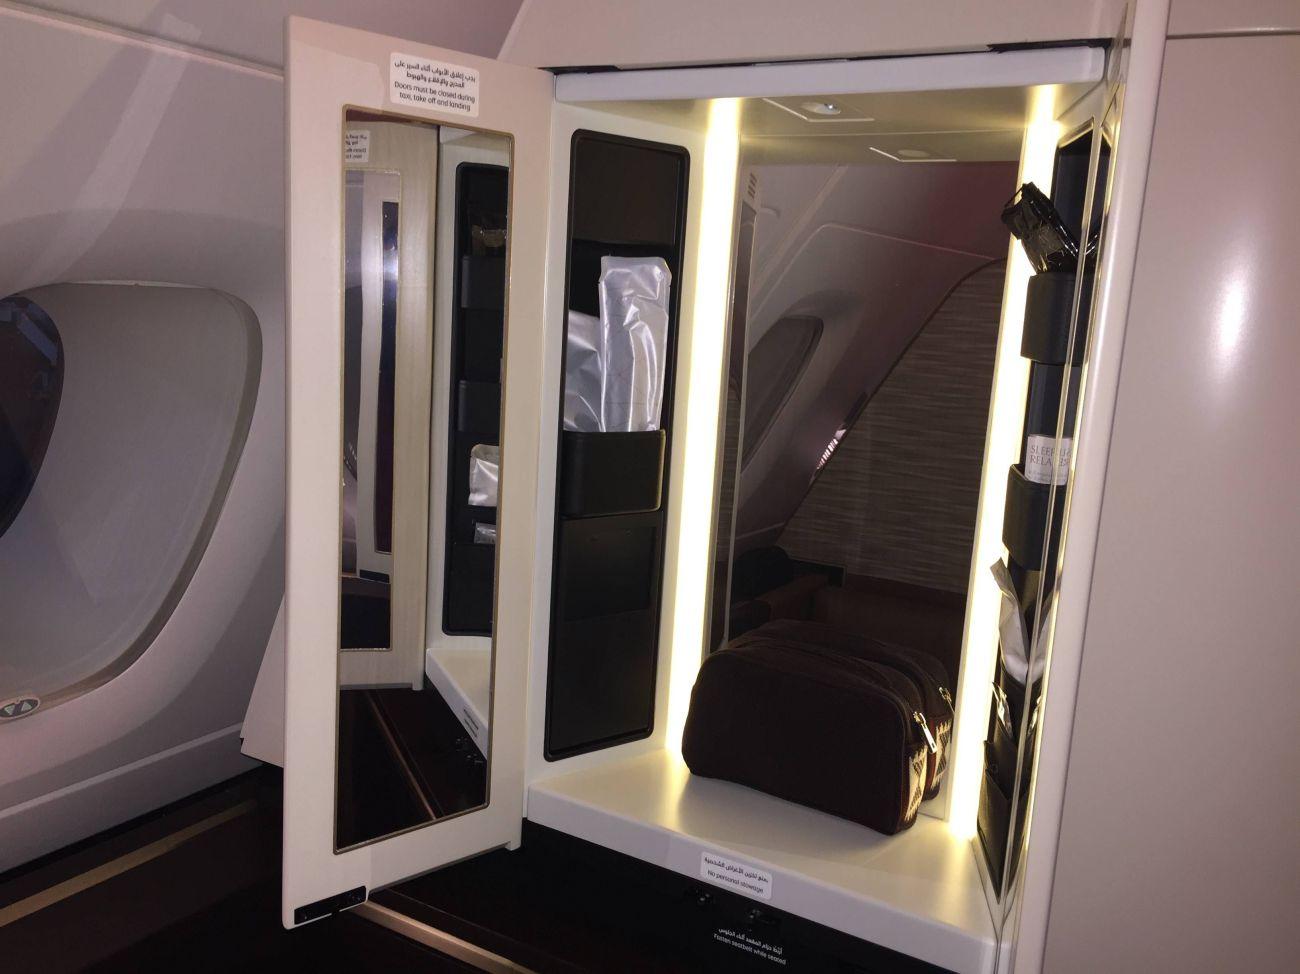 First Class Apartment A380 Etihad - PassageirodePrimeira13